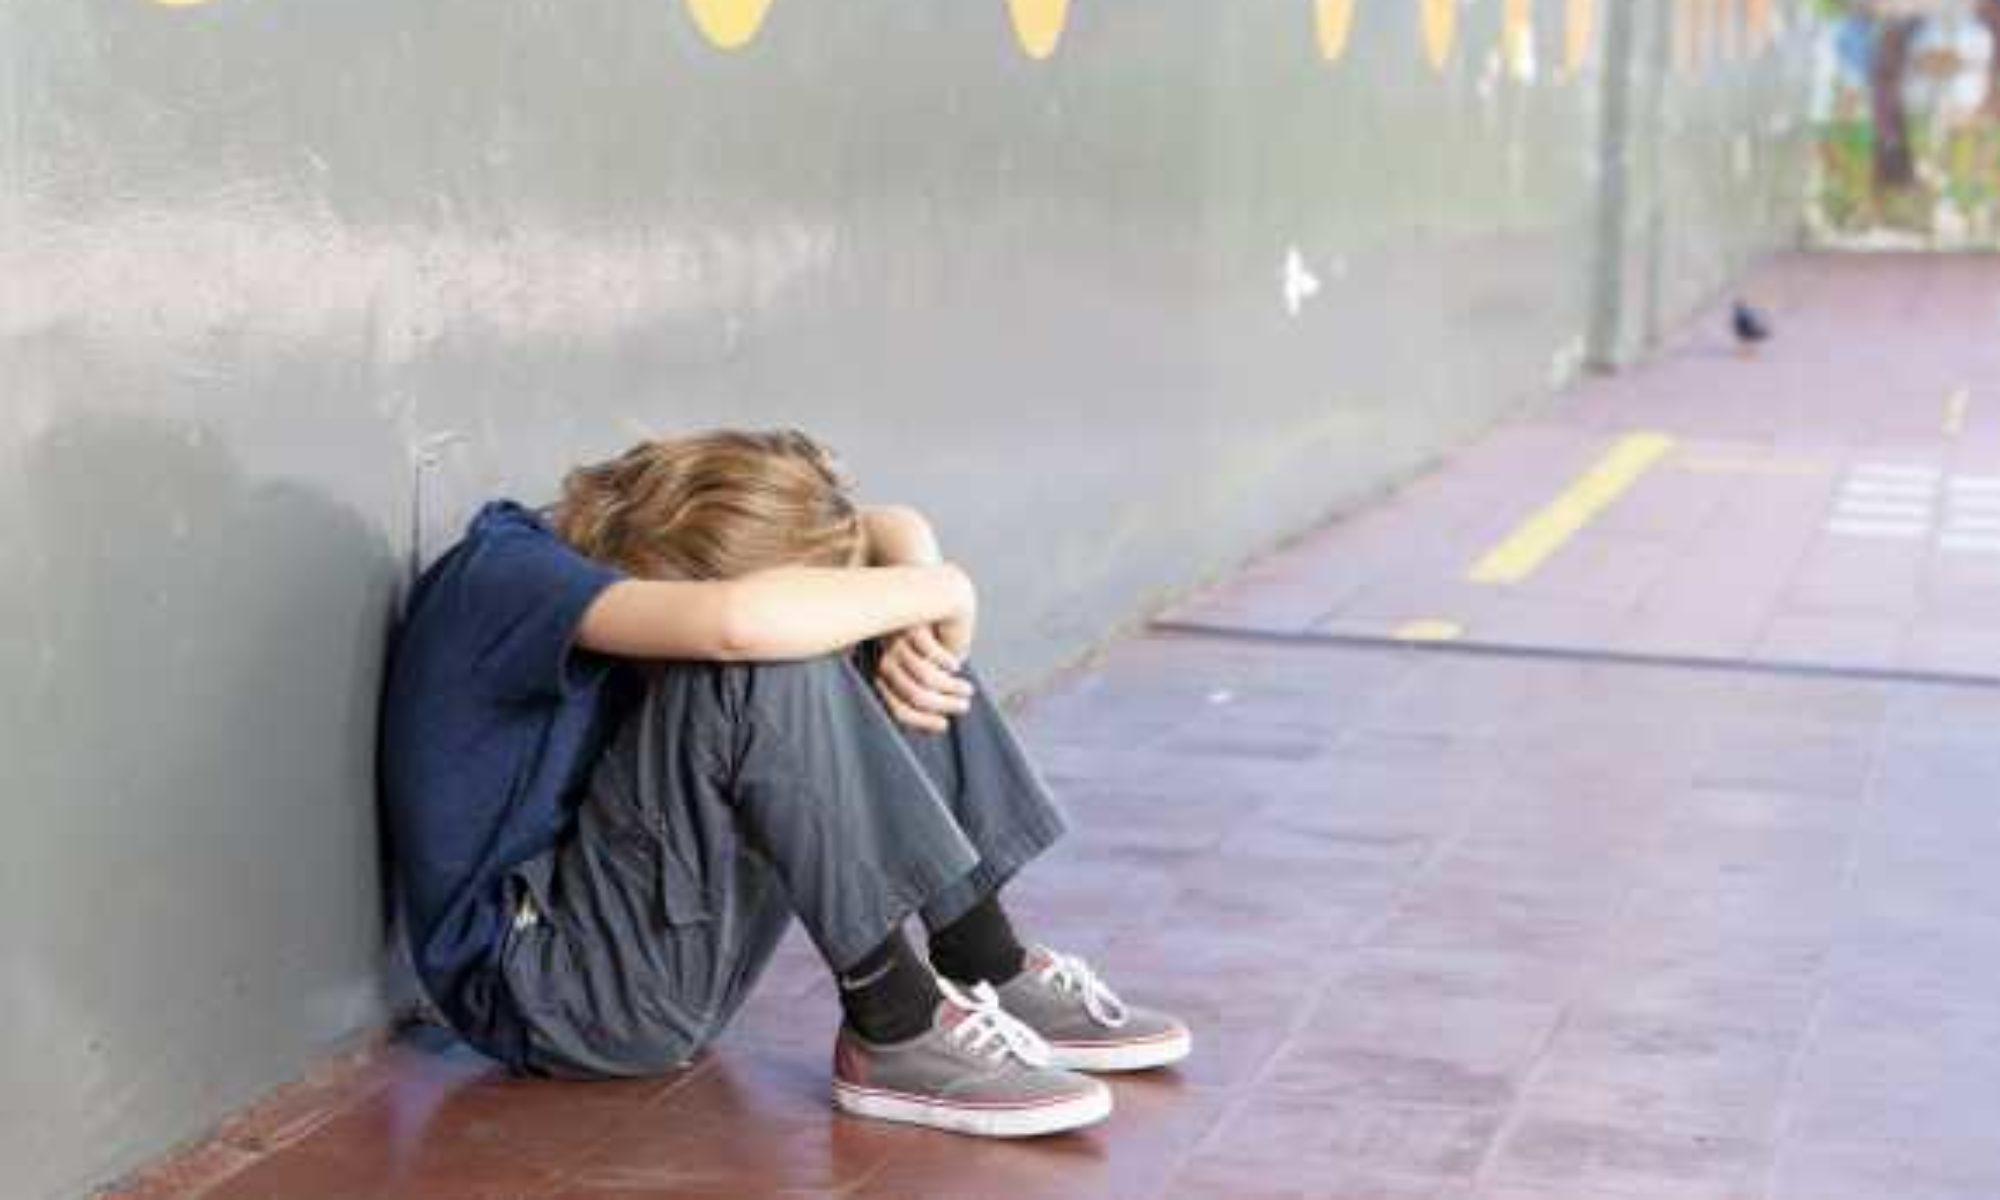 traurig kinder sgb ii 2000x1200 - Jobcenter verhindert Förderung von Kindern